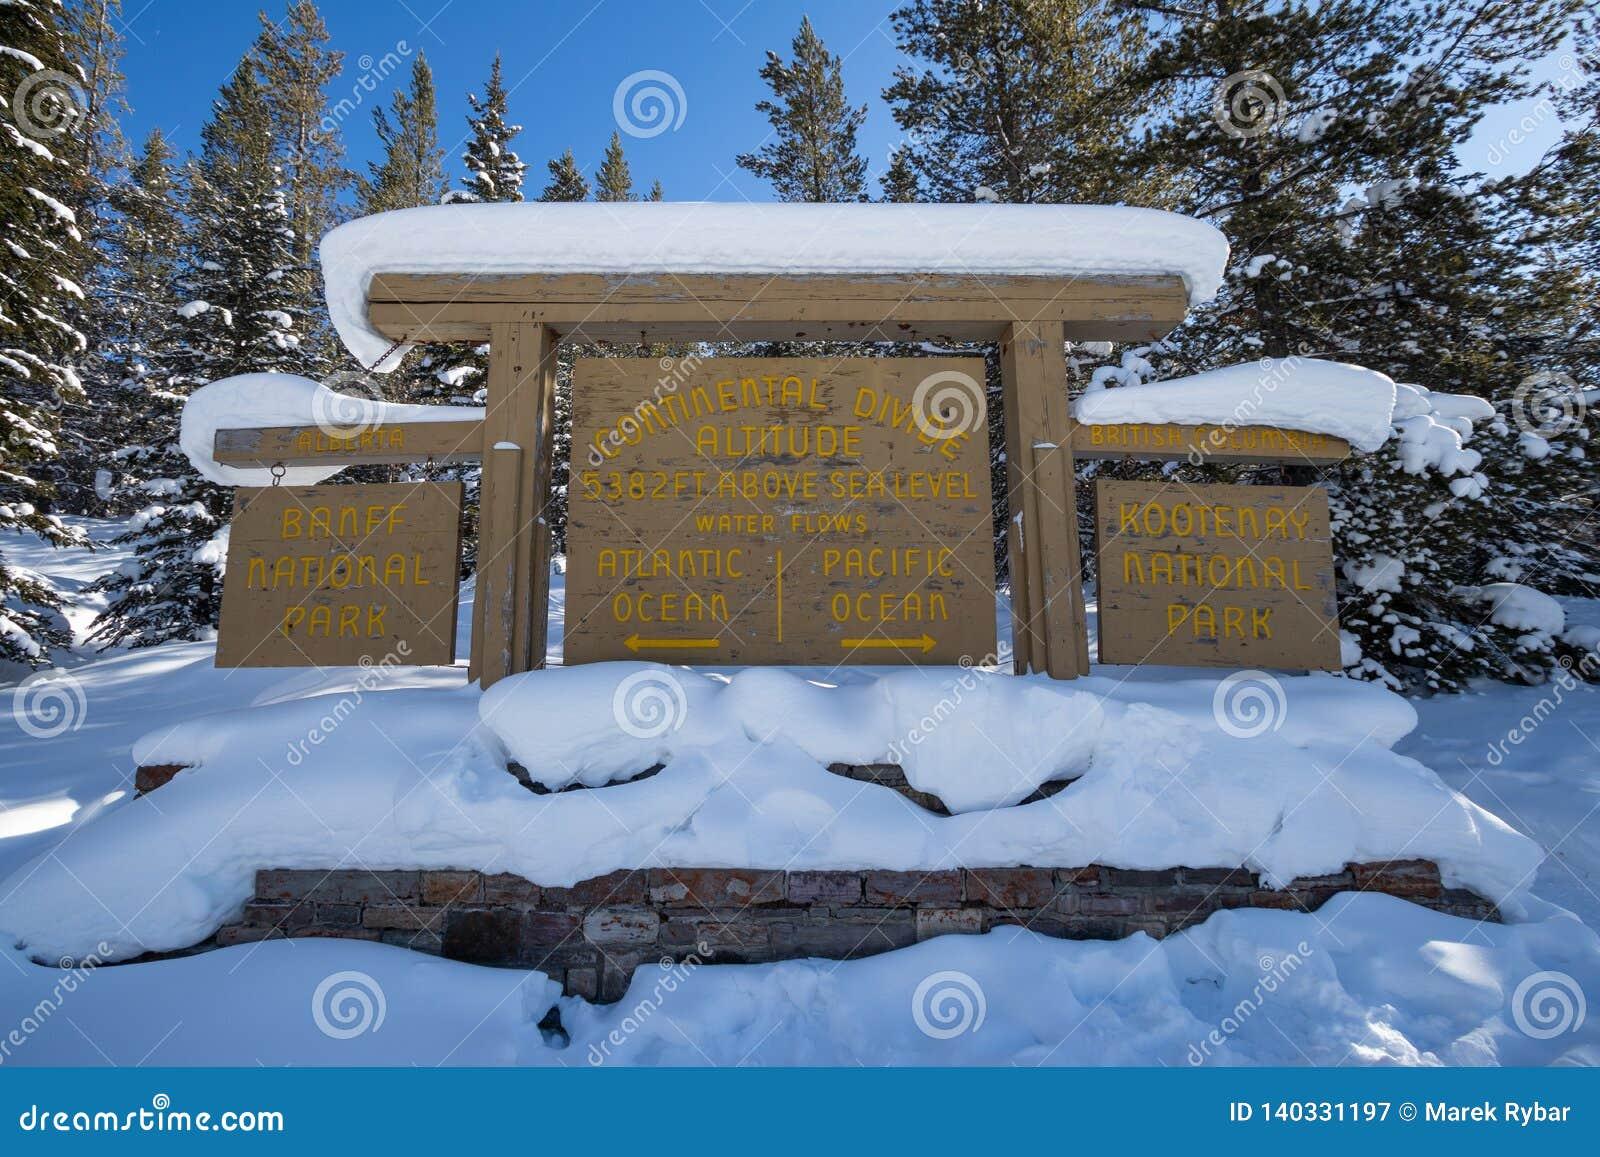 Divisoria continental en la frontera de Banff y de los parques nacionales de Kootenay, paso bermellón, Alberta, Columbia Británic